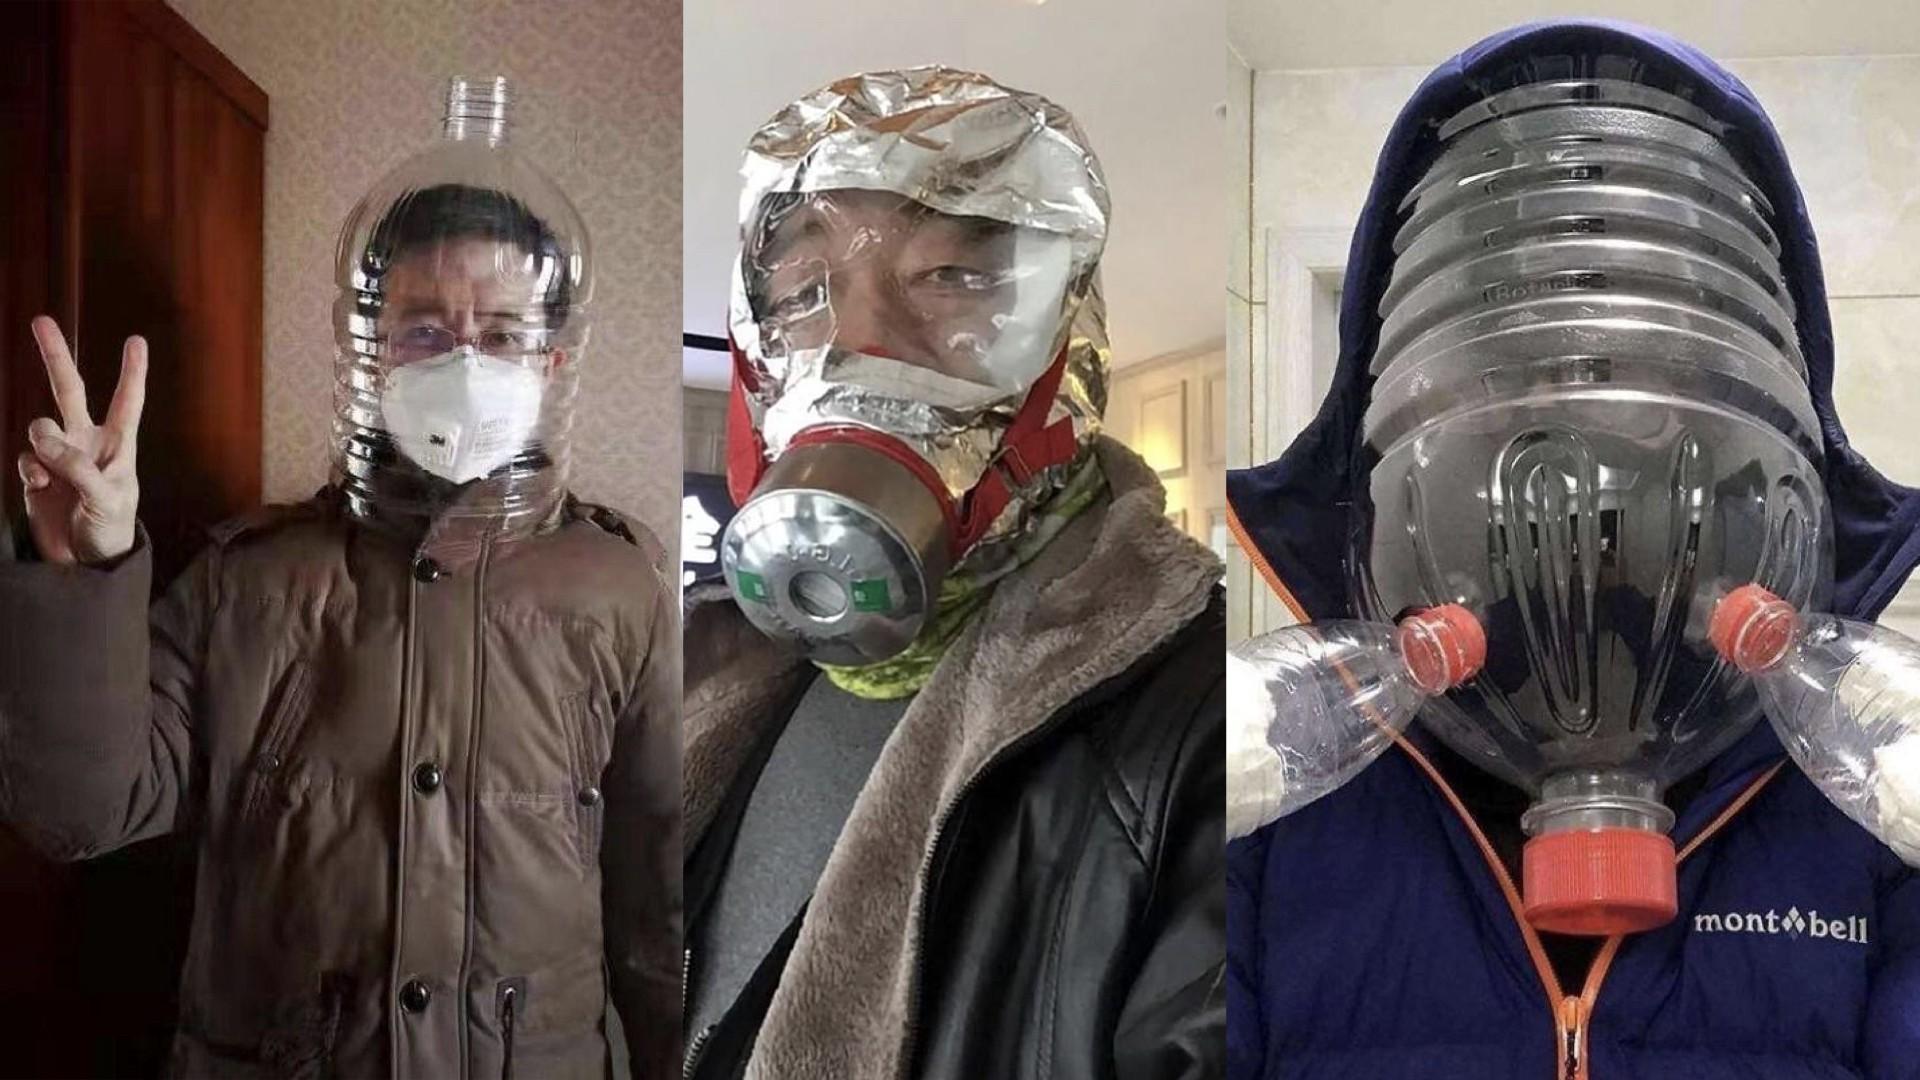 Imagens de máscaras de segurança respiratória homemade que viralizaram nos grupos de WhatsApp